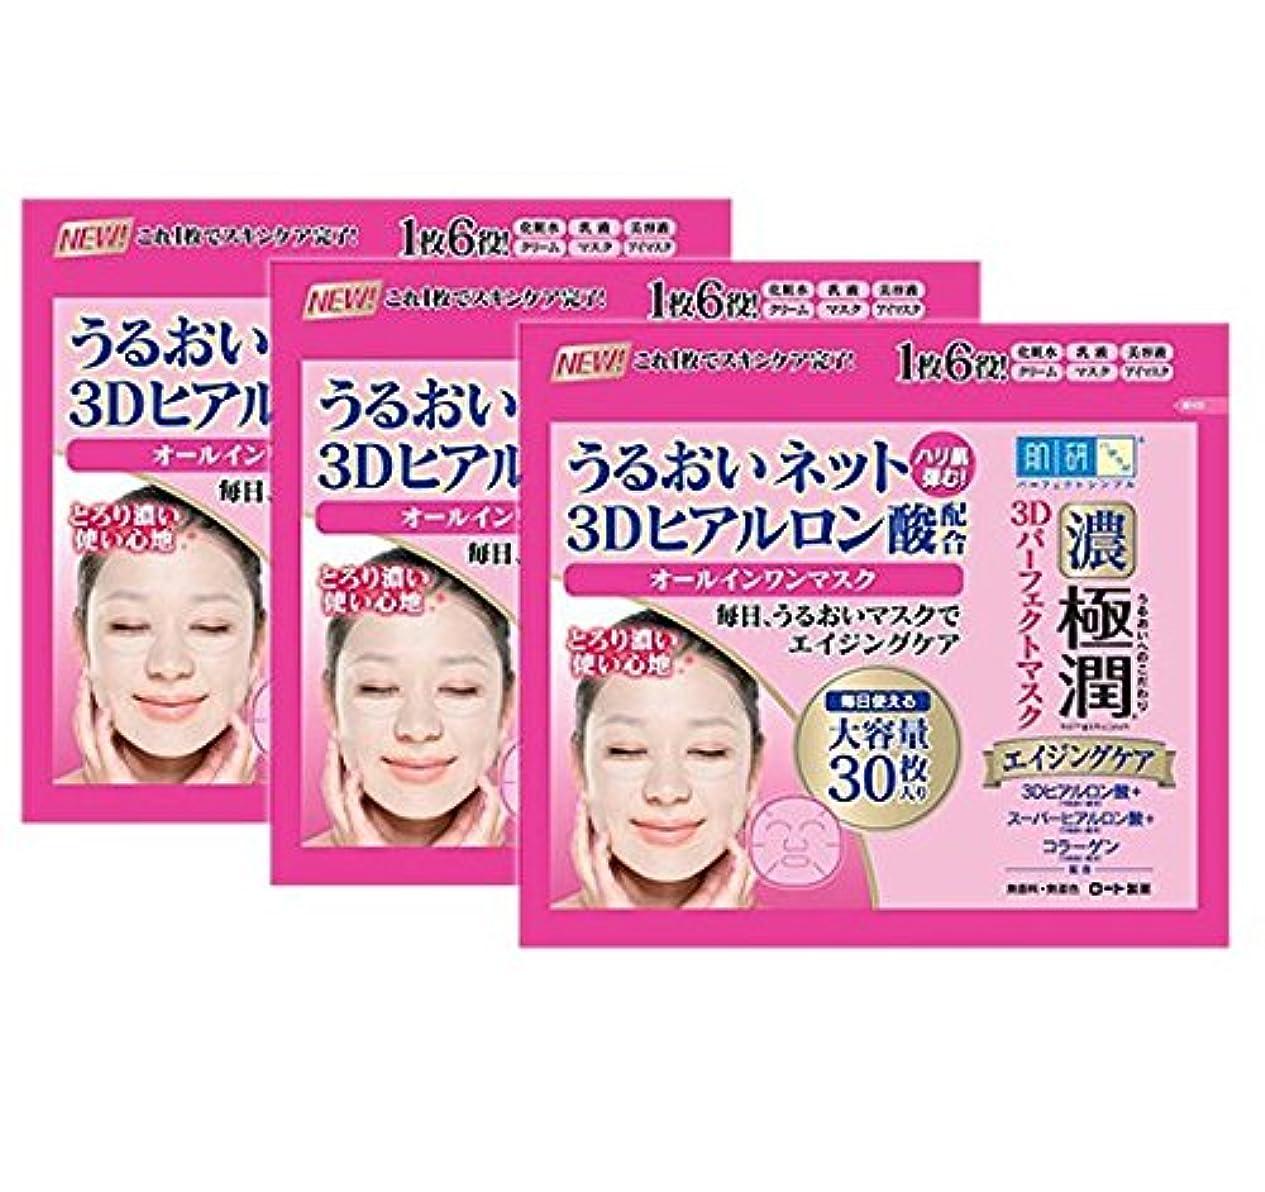 間テレビ局ねばねば【3個セット】肌研(ハダラボ) 極潤 3Dパーフェクトマスク 30枚入